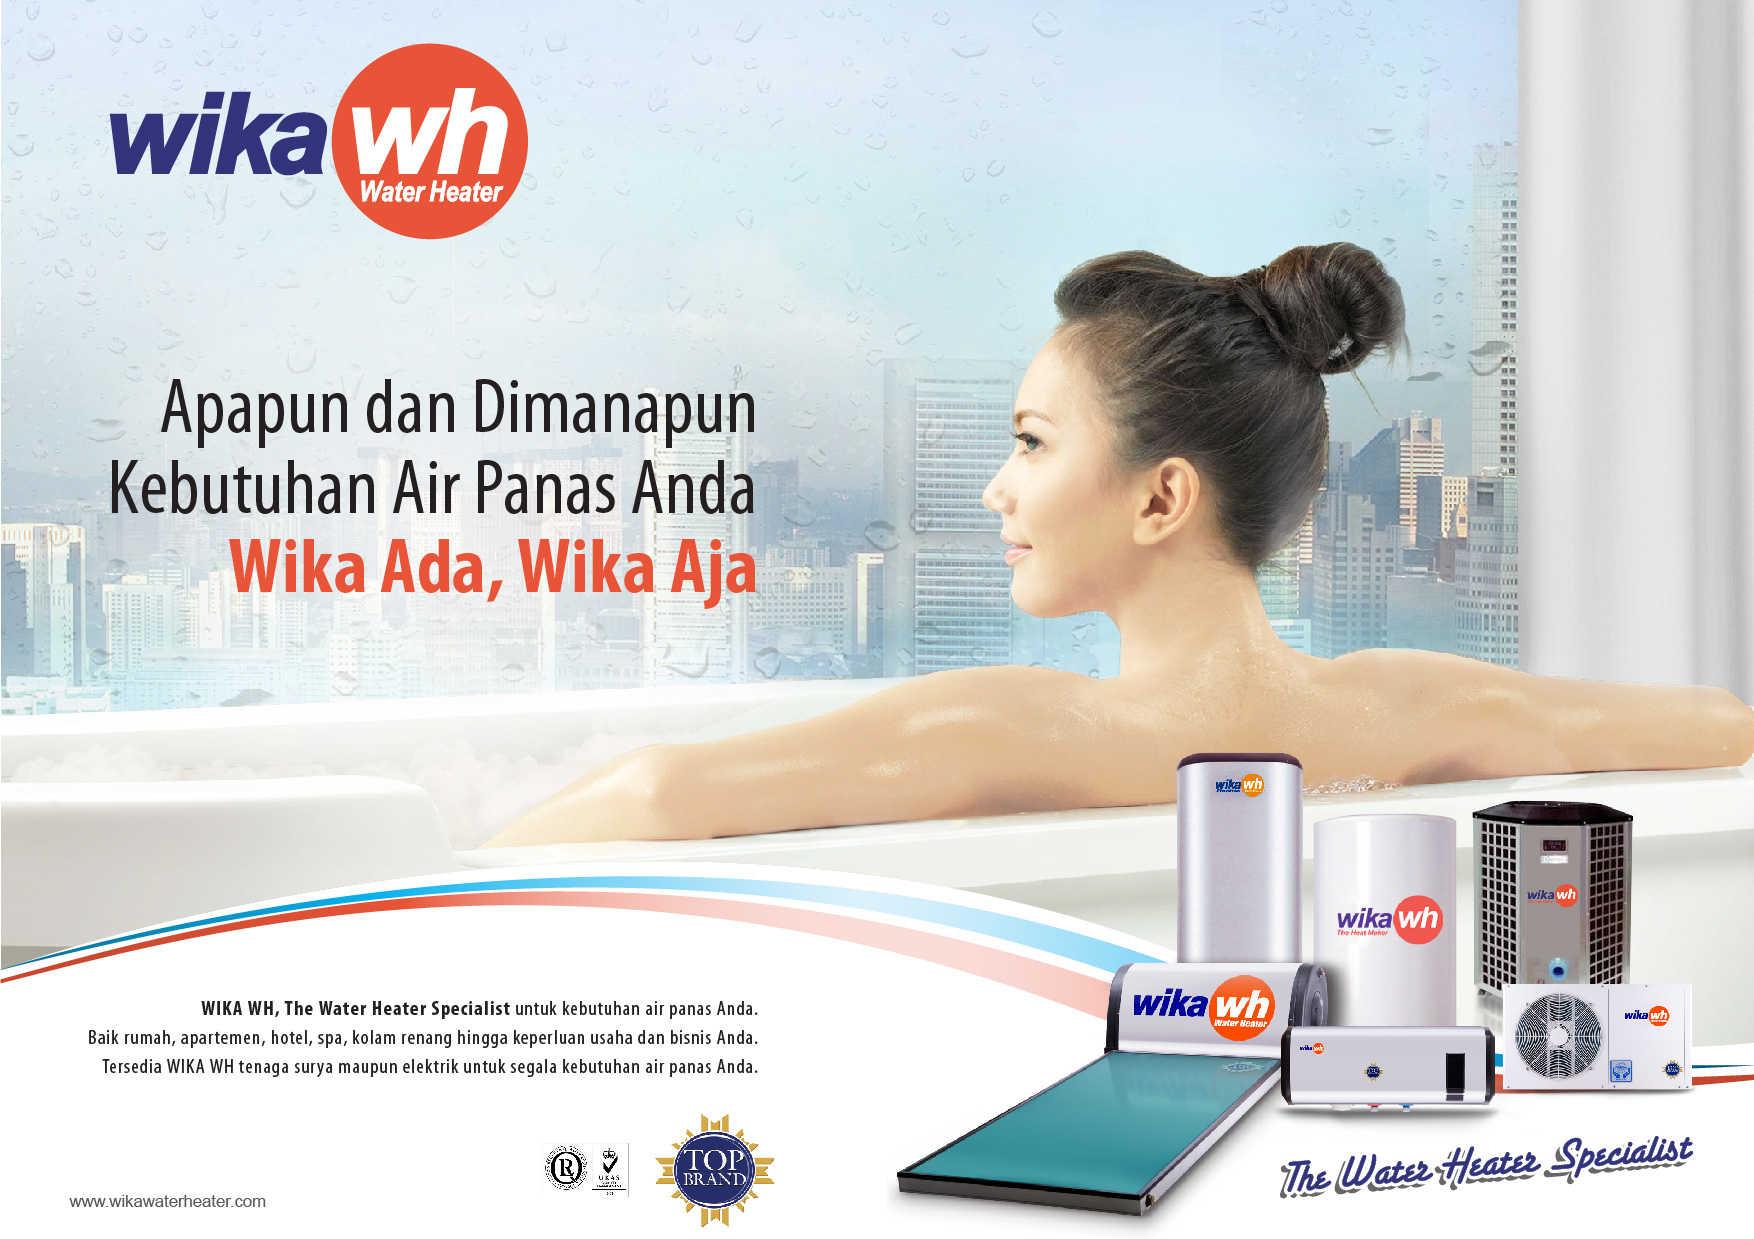 FA_Wika wh_print ad ynz-04